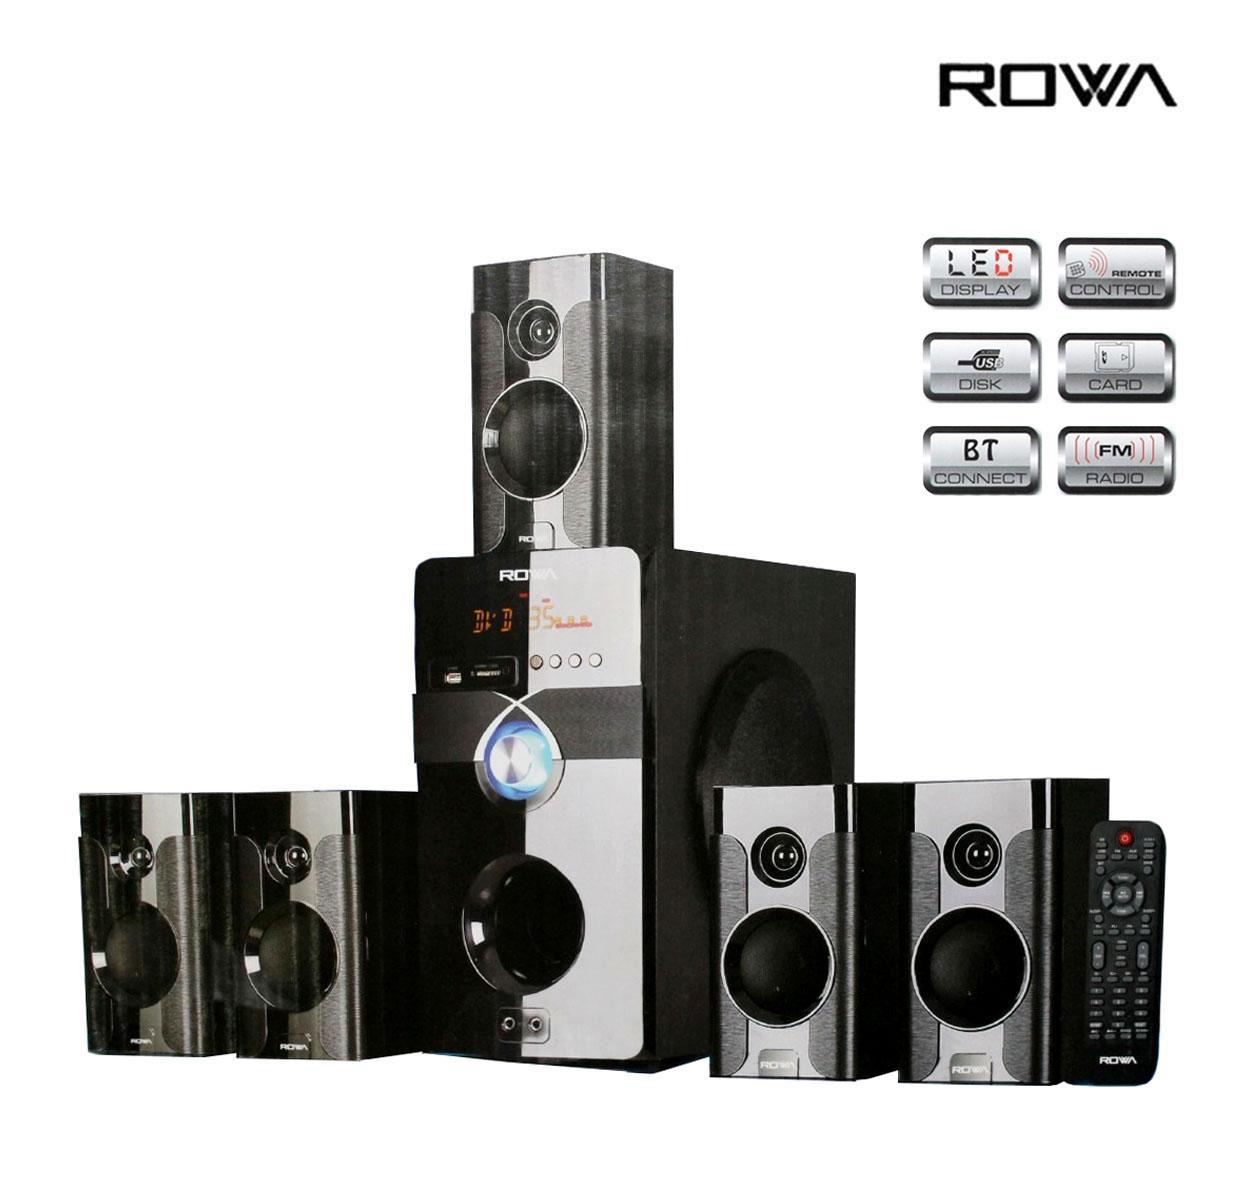 5.1CH multimedia karaoke speaker system (RH-7833)